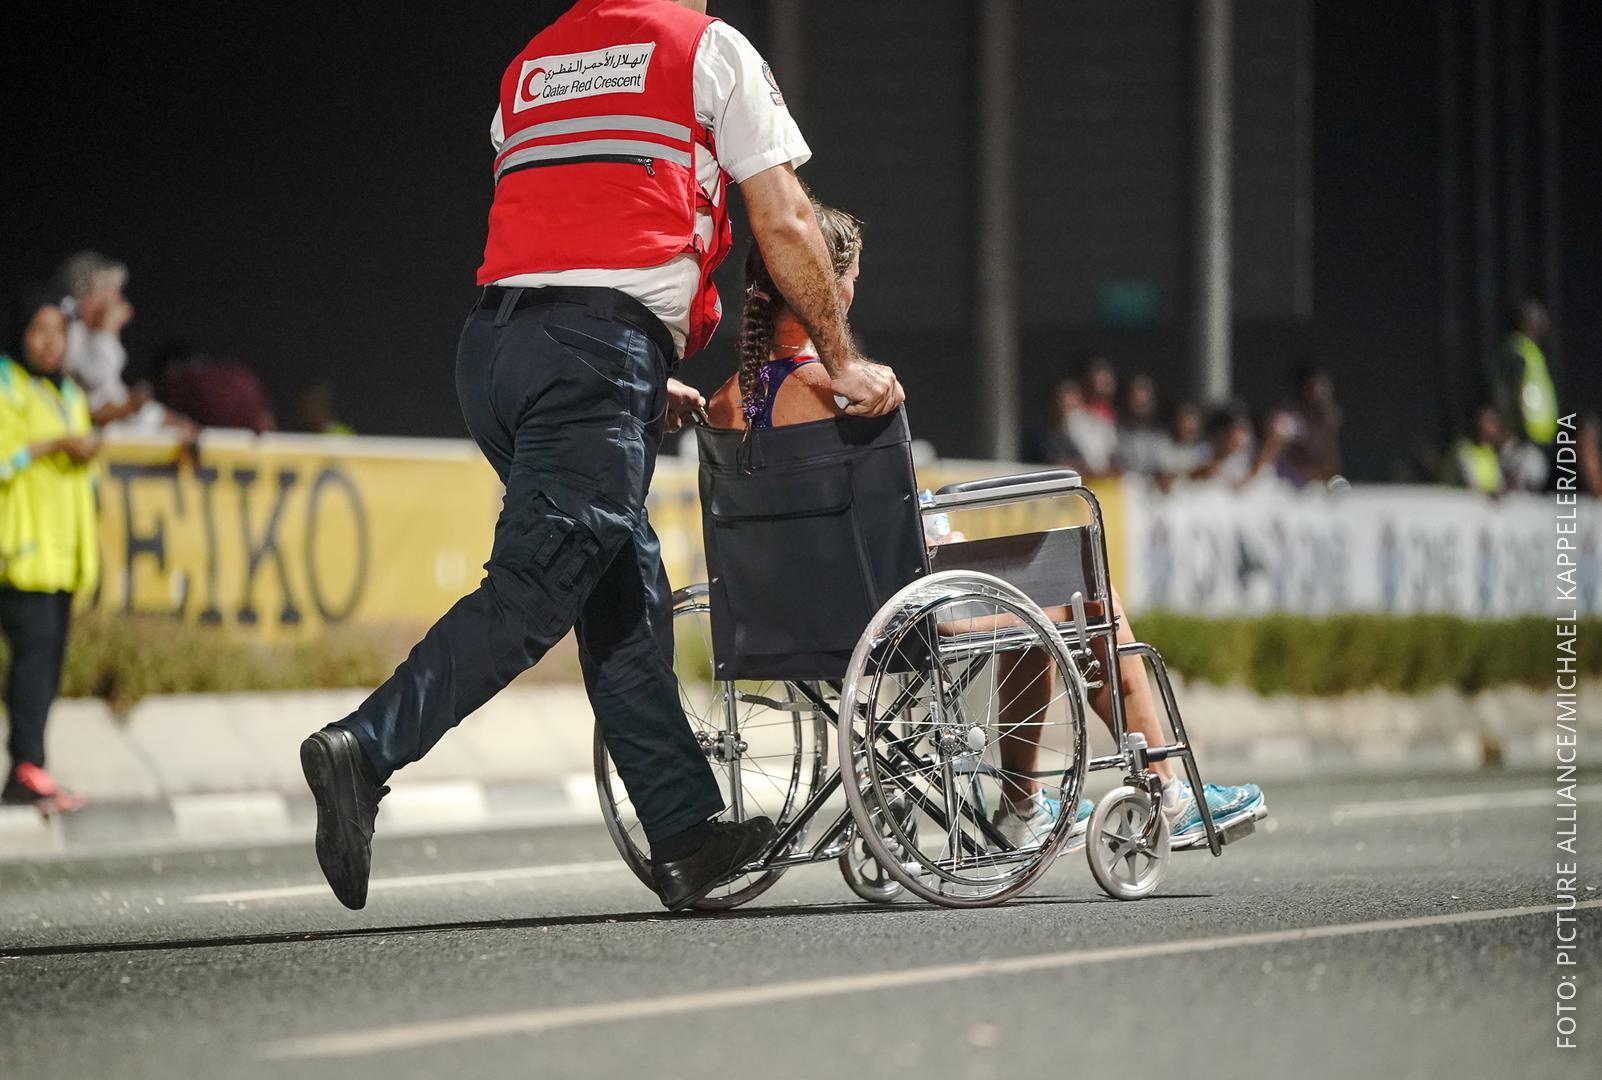 Athletin wird im Rollstuhl von der Strecke geschoben